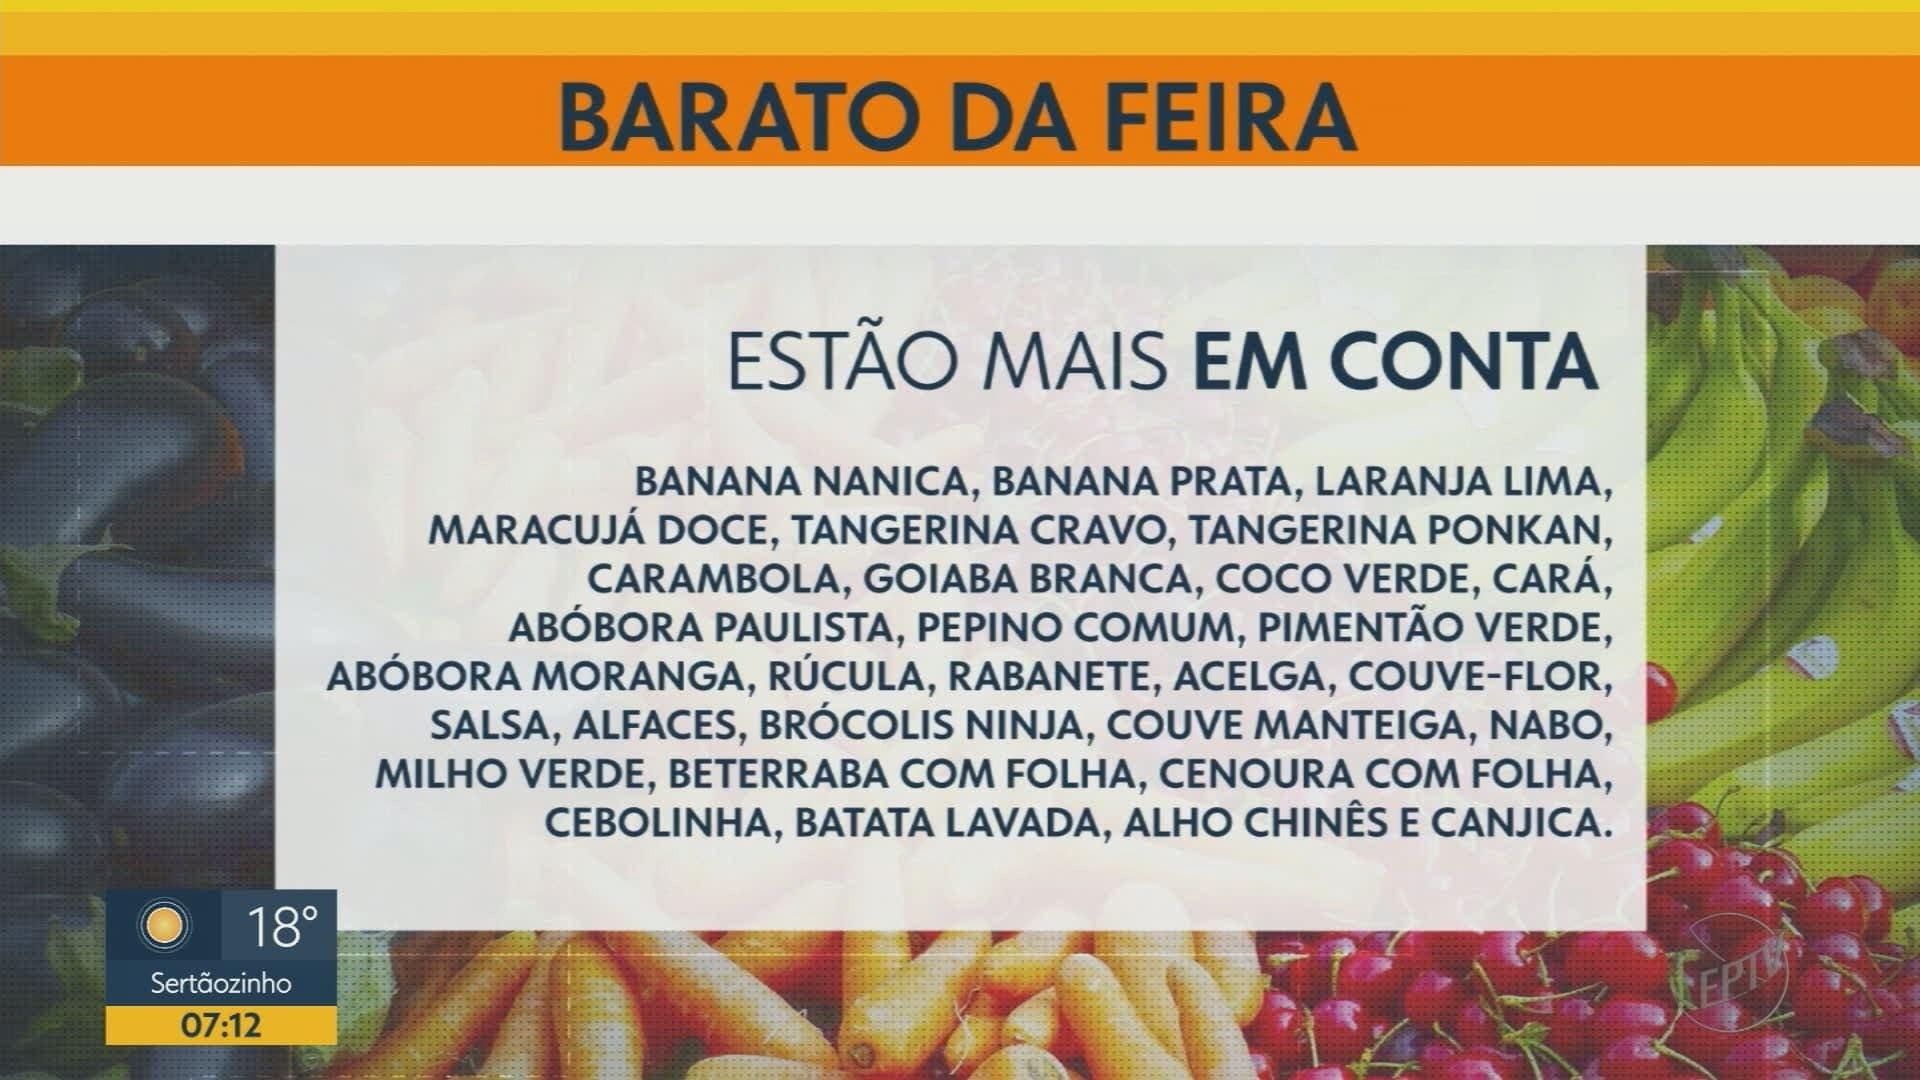 VÍDEOS: Bom Dia Cidade Ribeirão Preto de quarta-feira, 20 de junho